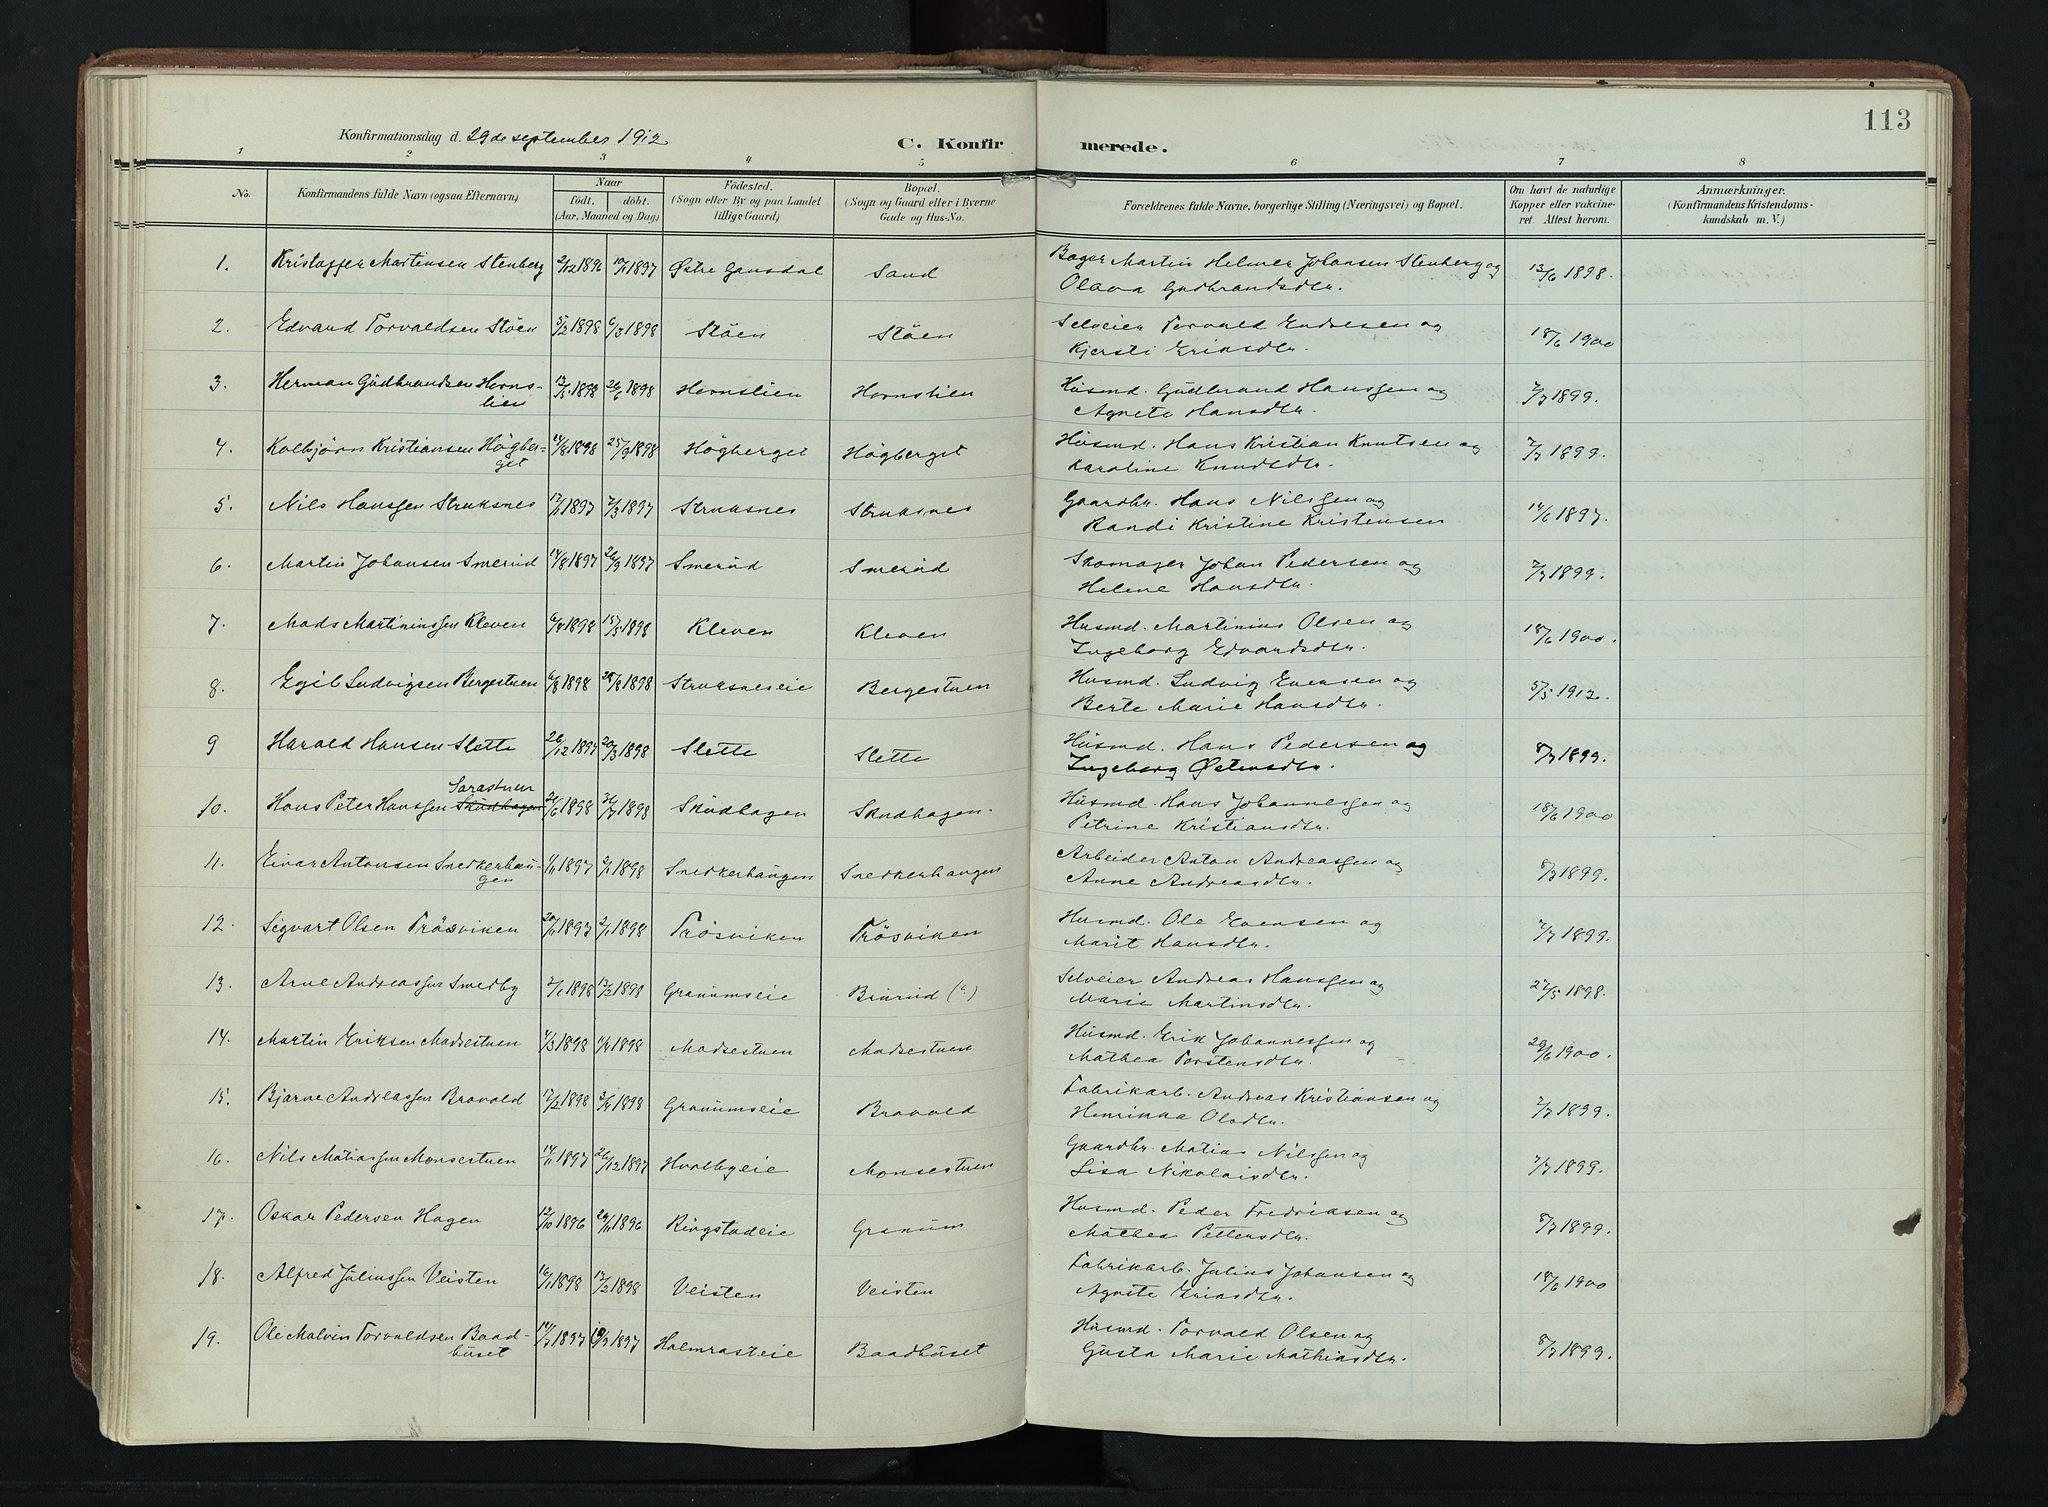 SAH, Søndre Land prestekontor, K/L0007: Ministerialbok nr. 7, 1905-1914, s. 113